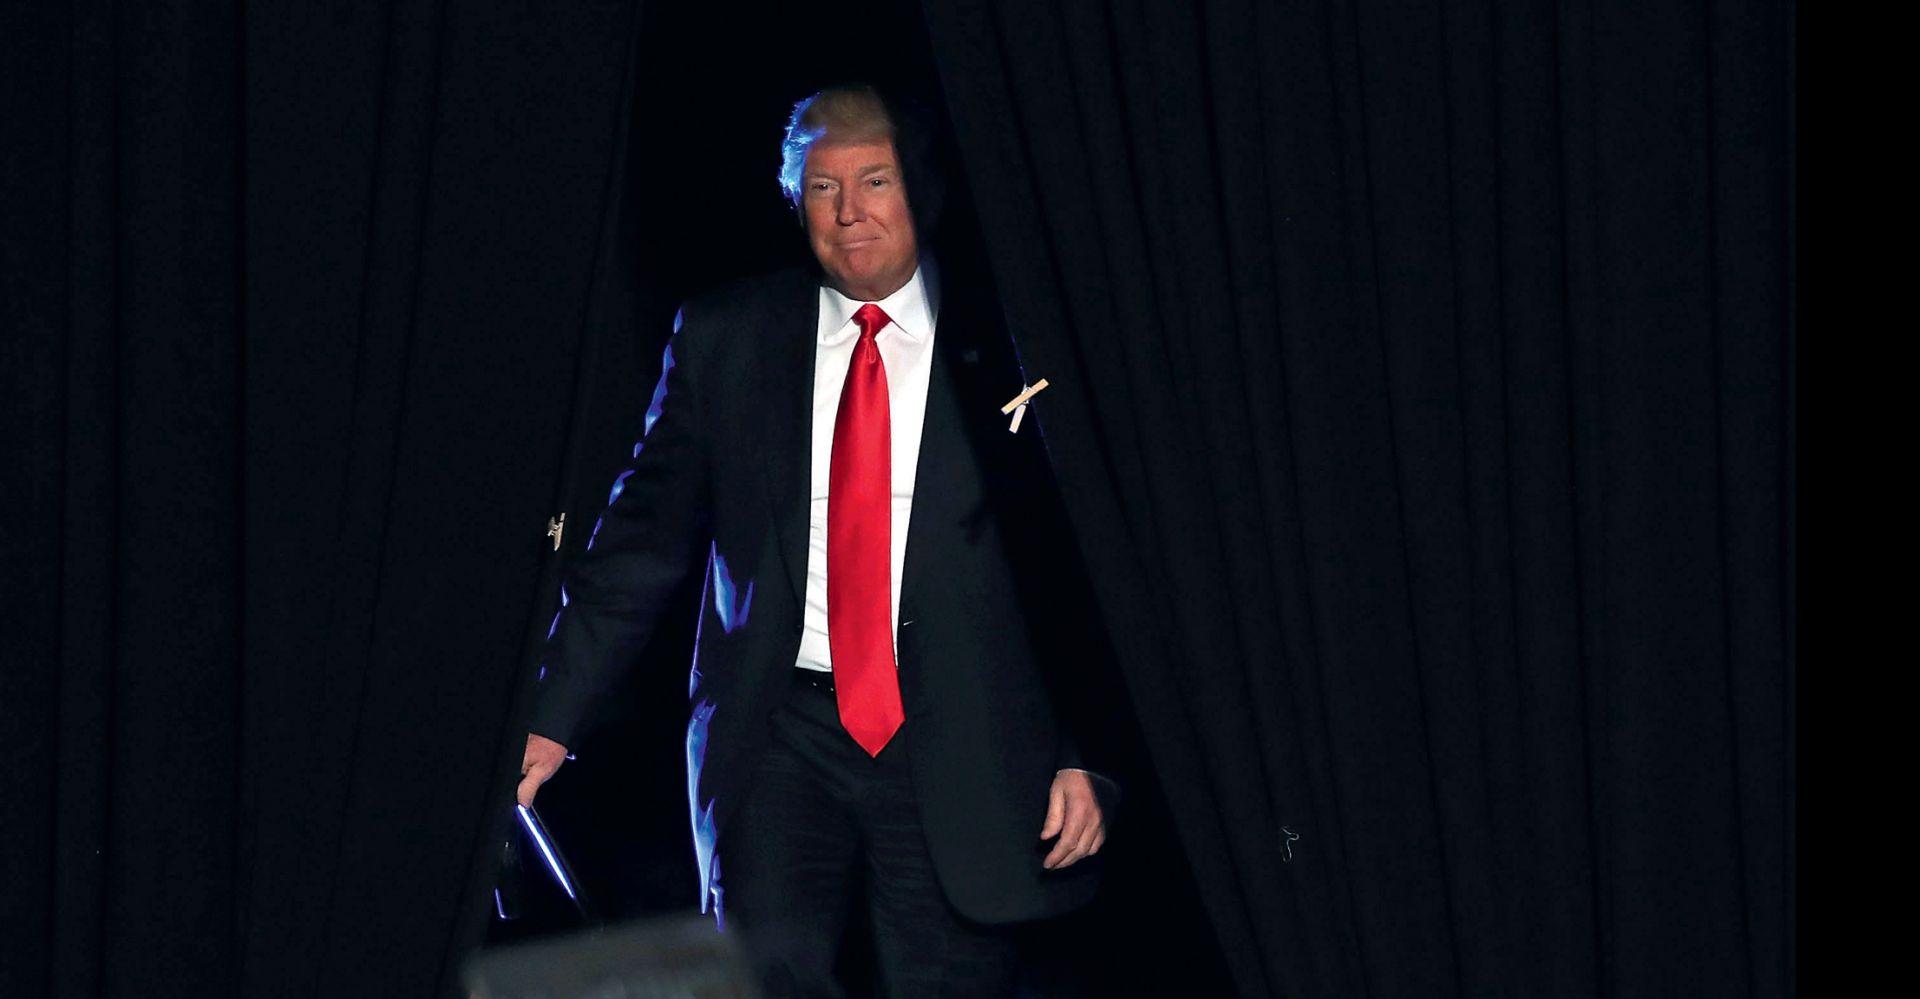 Moskva tvrdi da će se protiv Trumpa nastaviti dezinformacijski rat